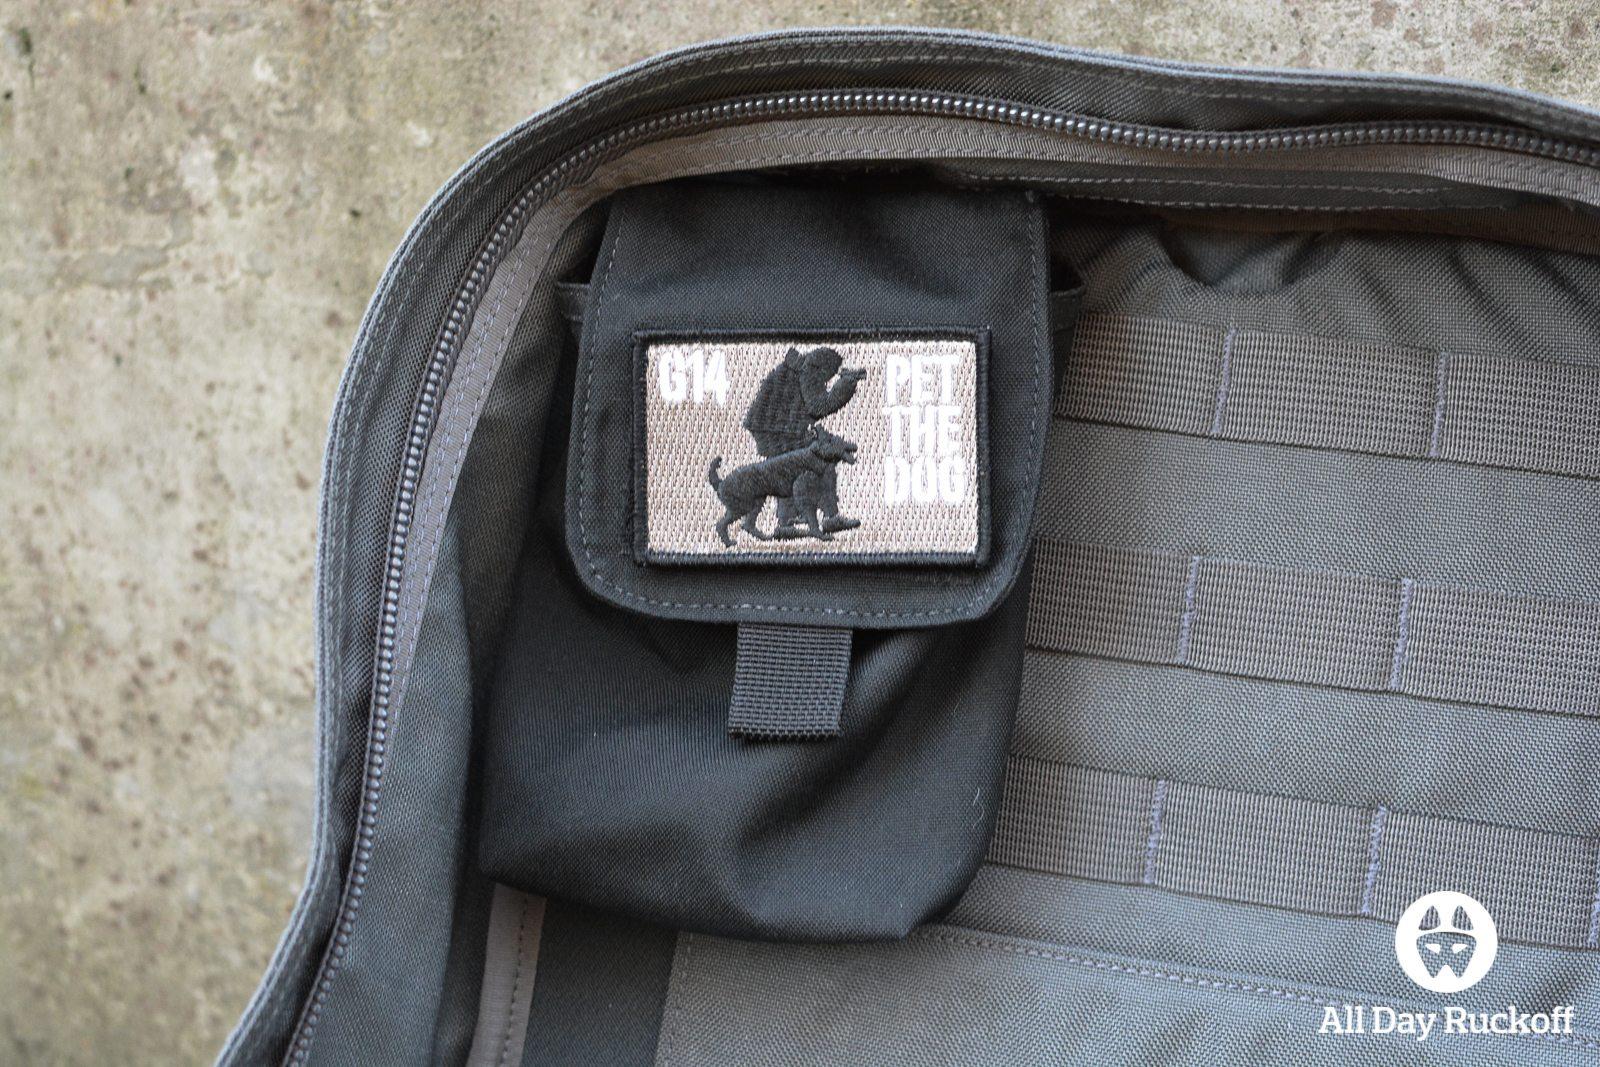 GORUCK Side Pocket Attached Inside